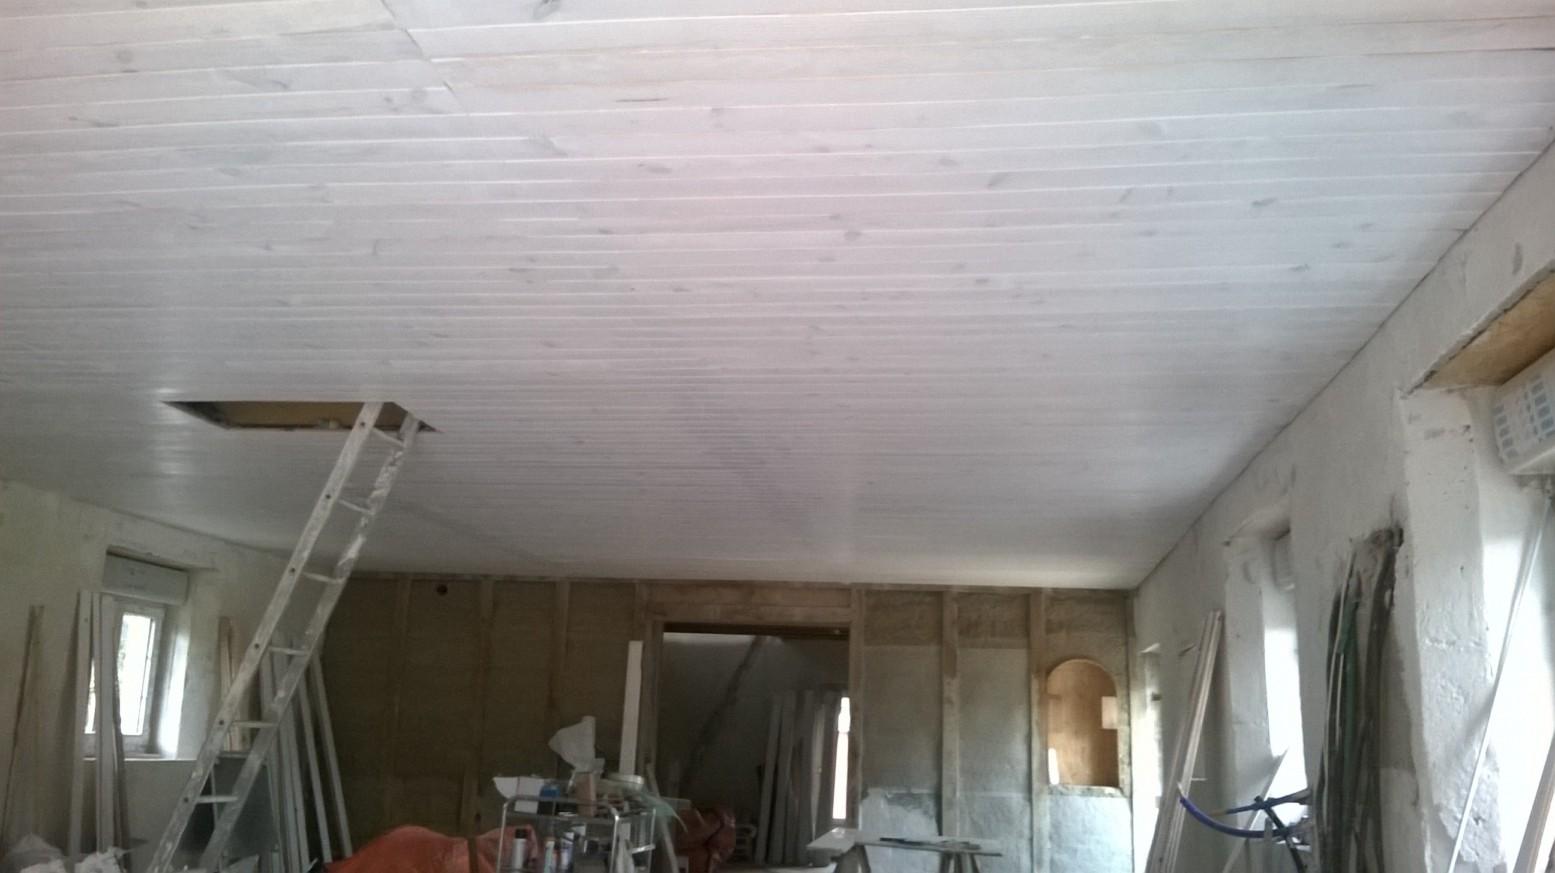 Tous les plafonds sont en lambris en pin, recouverts de 3 couches de peinture